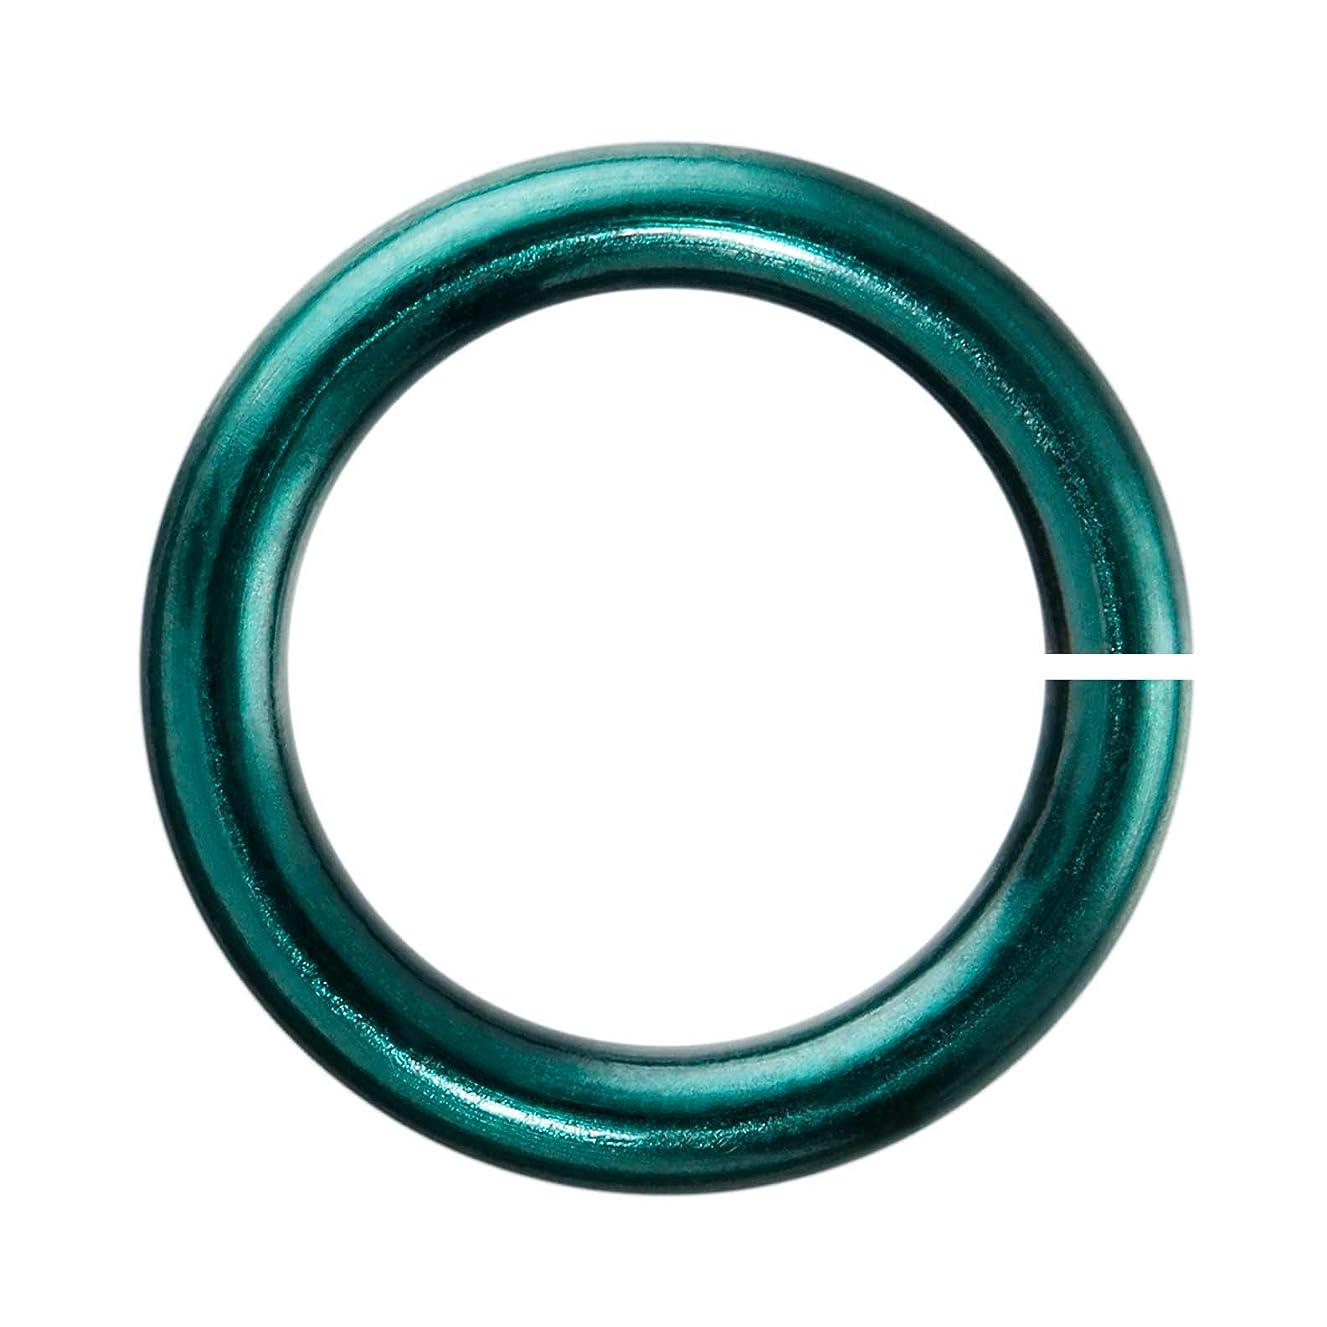 18-Gauge 6mm Teal Enameled Copper Jumprings - 1 ounce